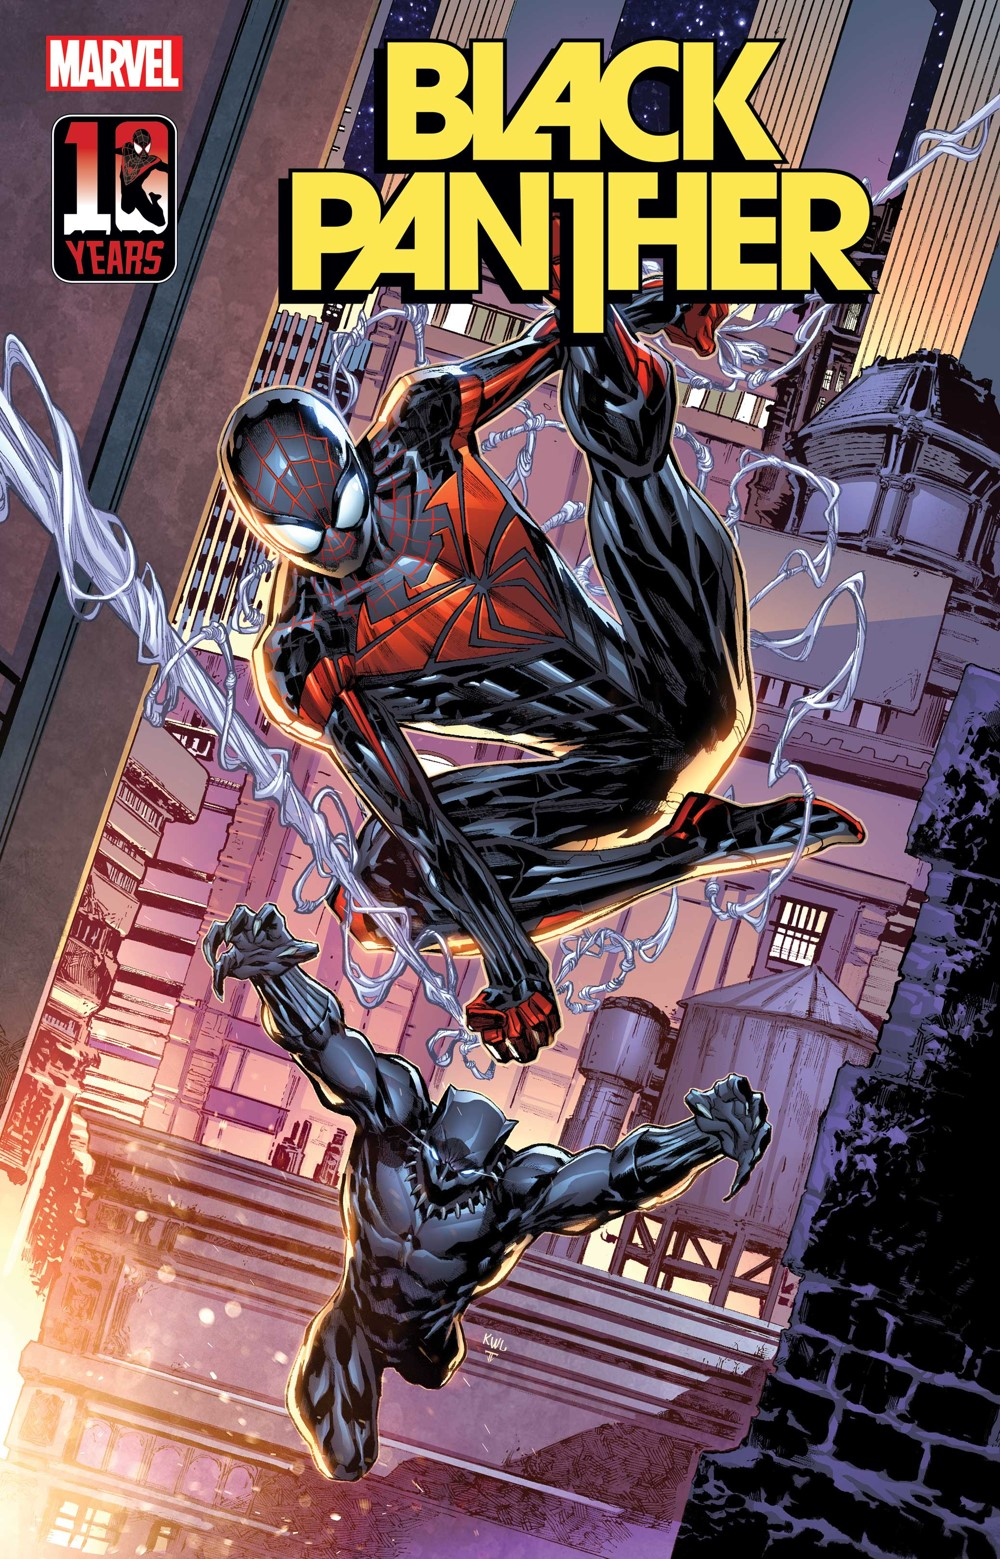 BLAP2021002_Lashley_Miles_var Marvel Comics September 2021 Solicitations